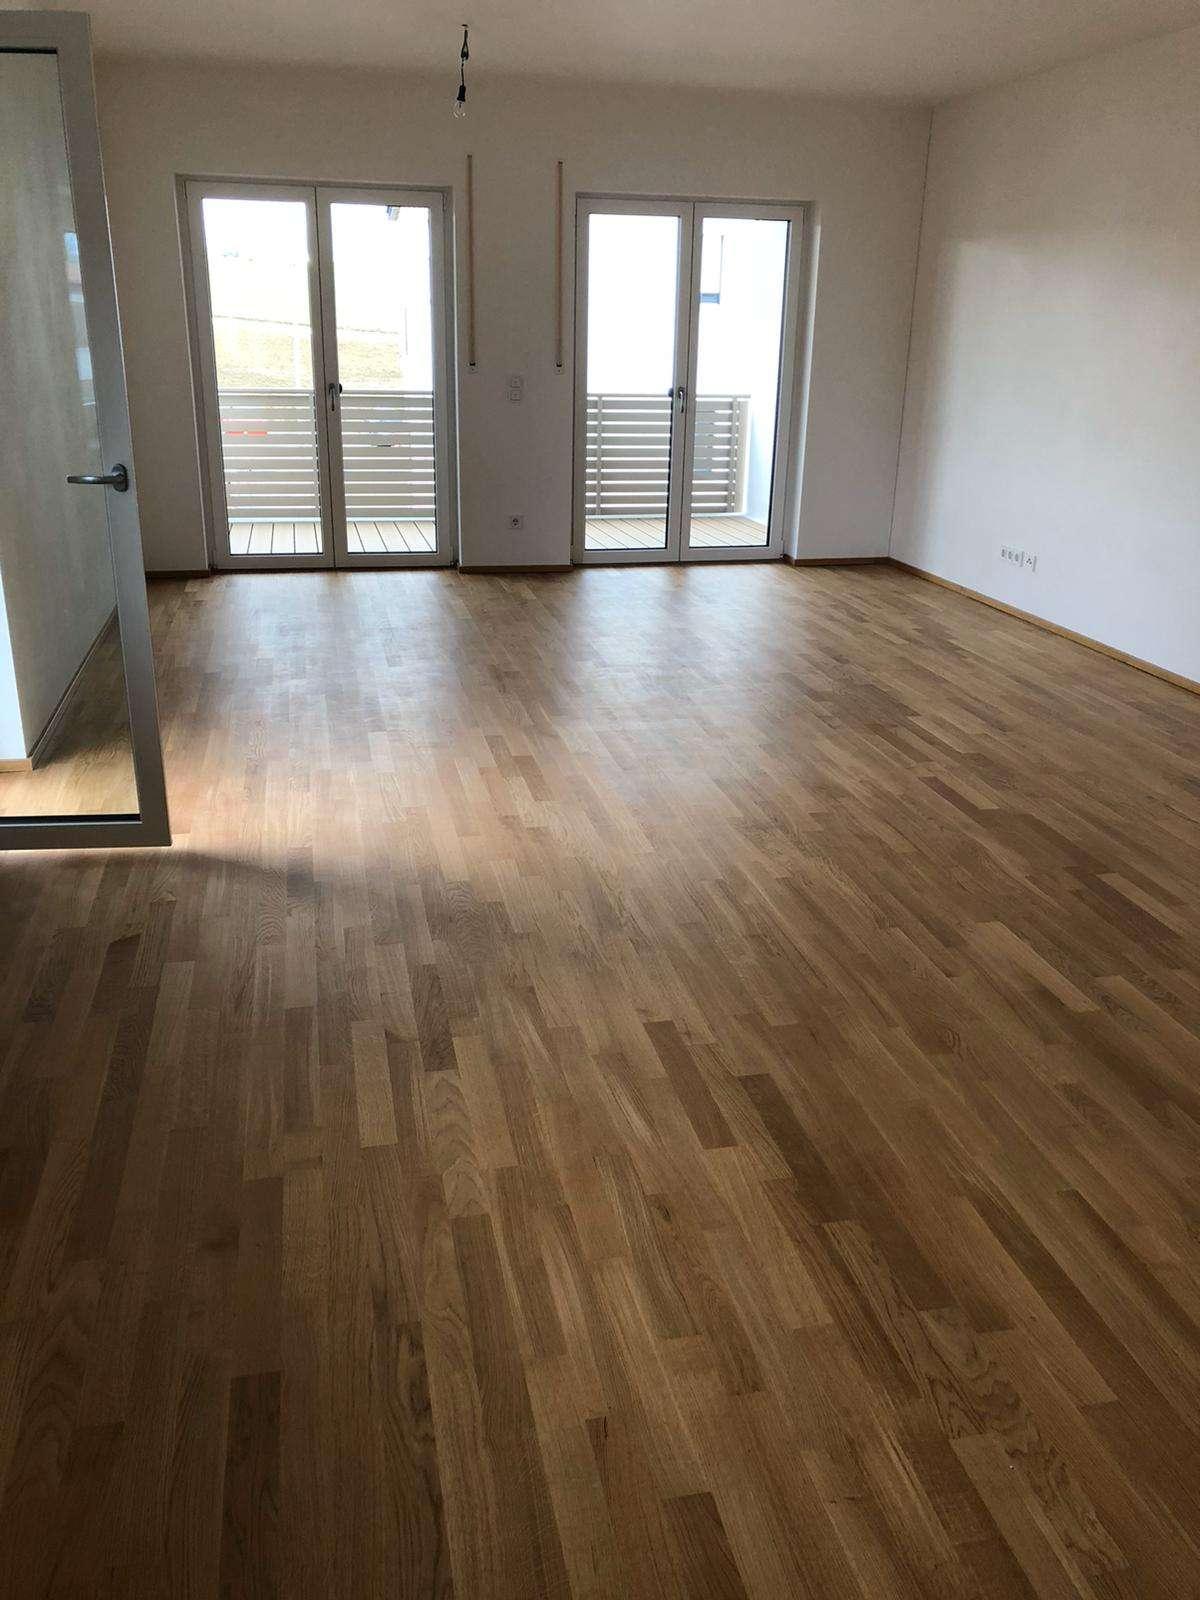 Exklusive, geräumige und neuwertige 2-Zimmer-Wohnung mit Balkon und EBK in Pentling in Pentling